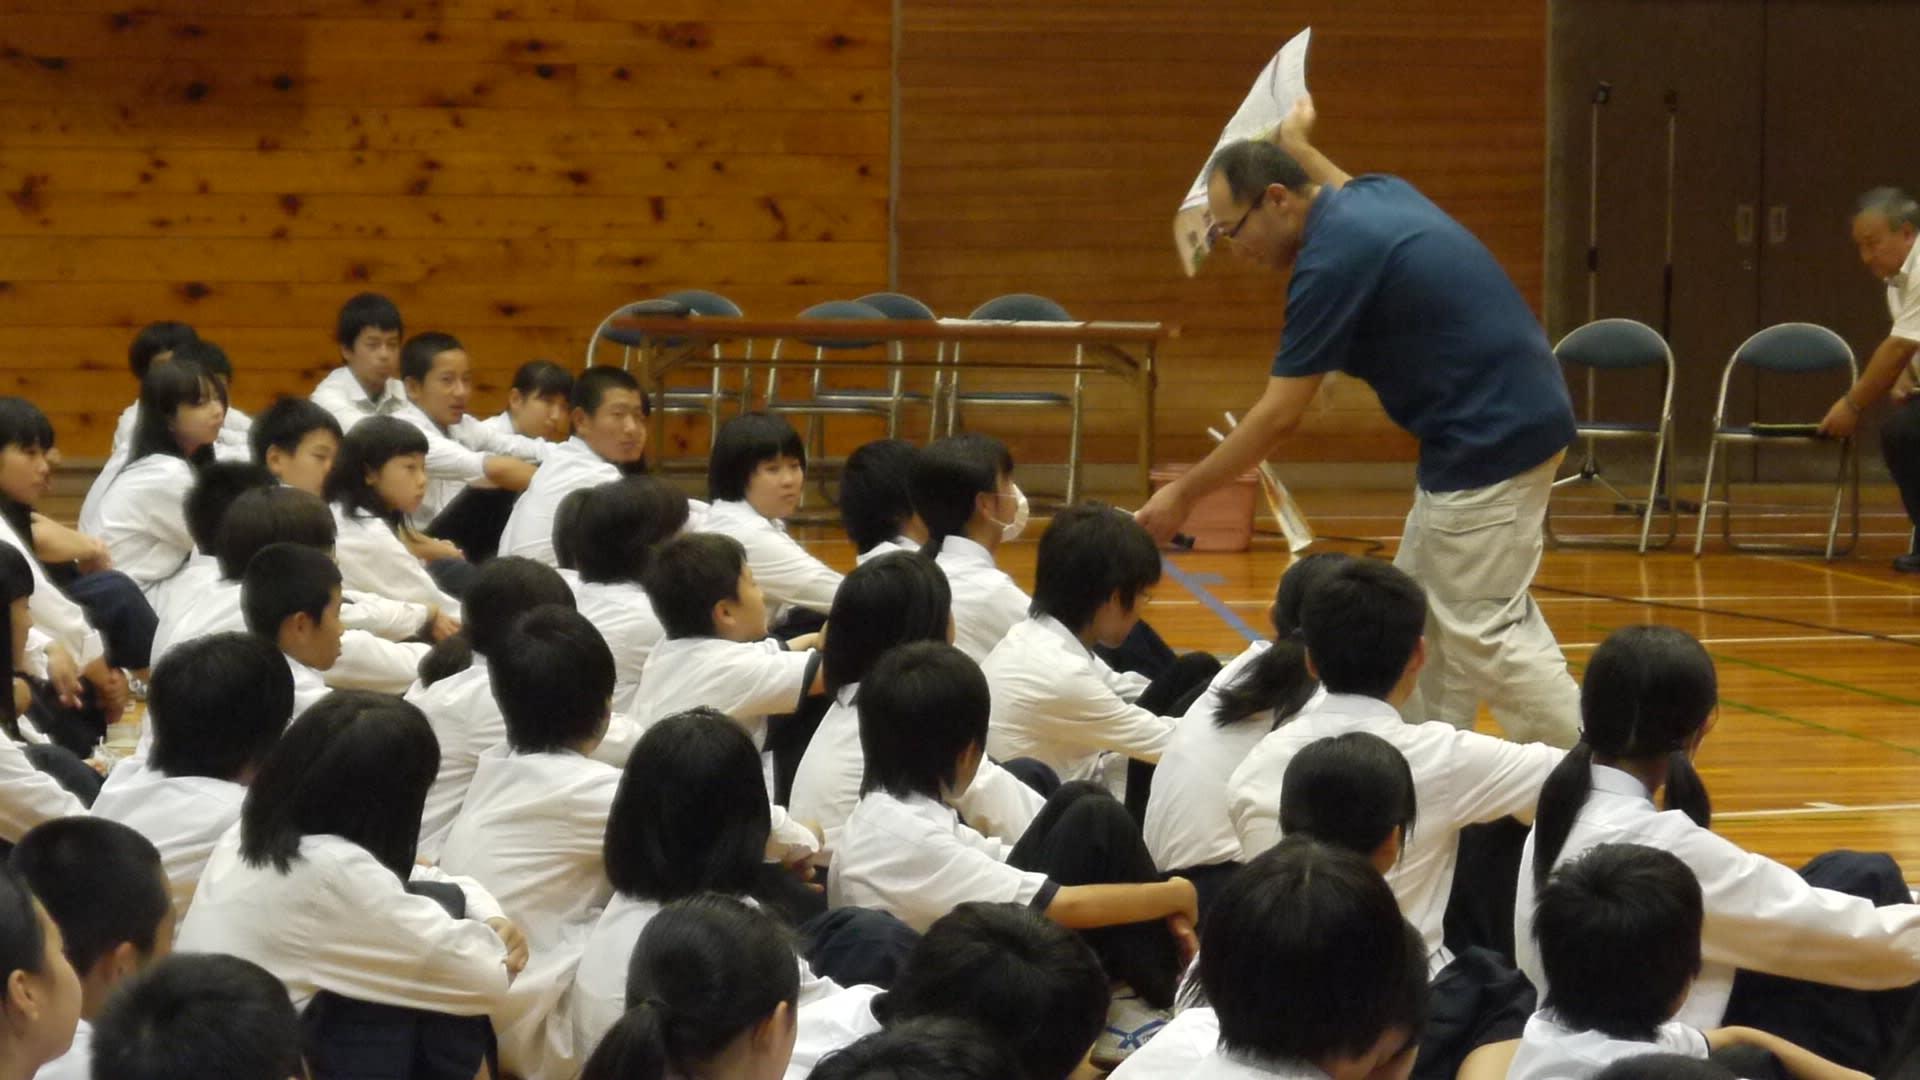 地震・津波避難訓練 - 緑丘中学校のお知らせ